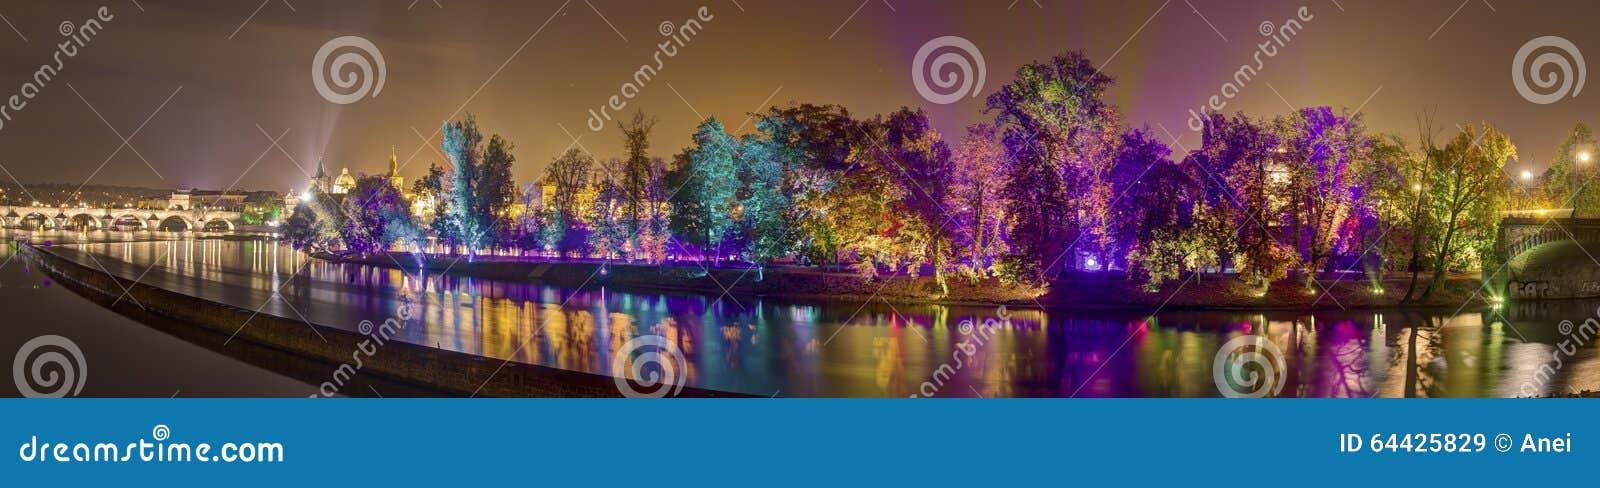 Imagen del panorama de HDR de la instalación mágica del jardín por el amo finlandés de los efectos luminosos móviles Kari Kola en